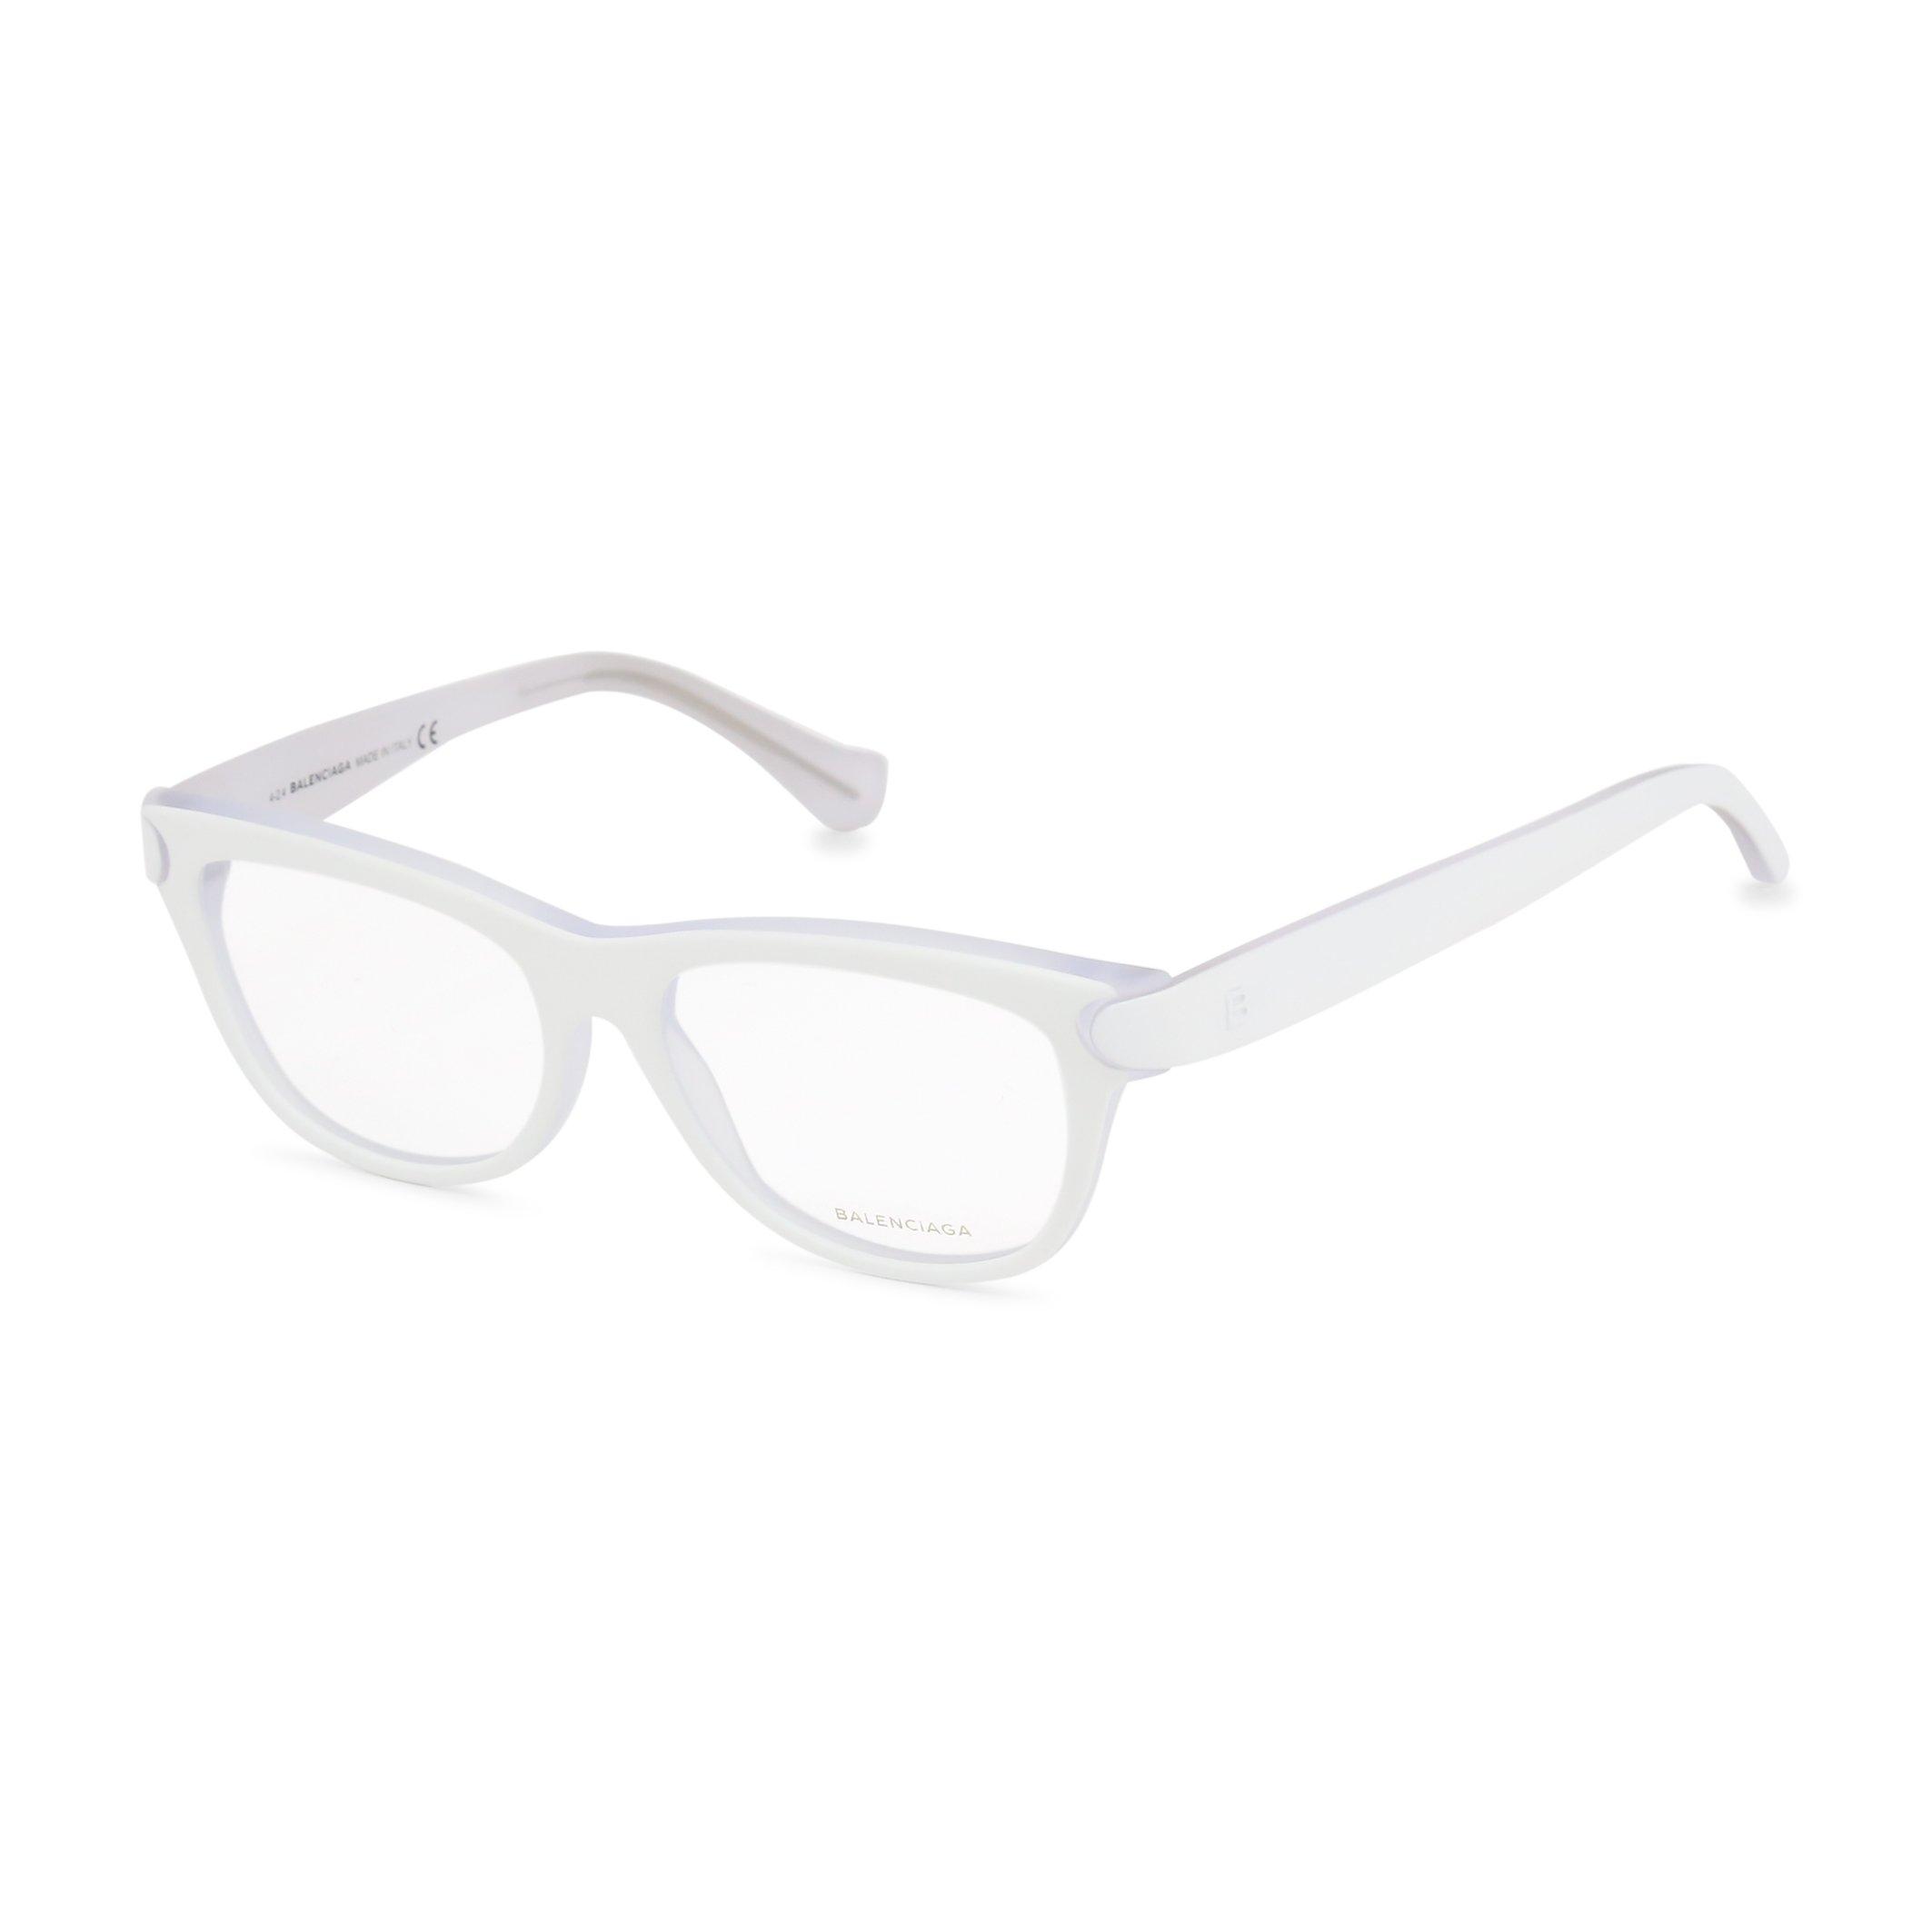 Balenciaga - BA5025 - white NOSIZE